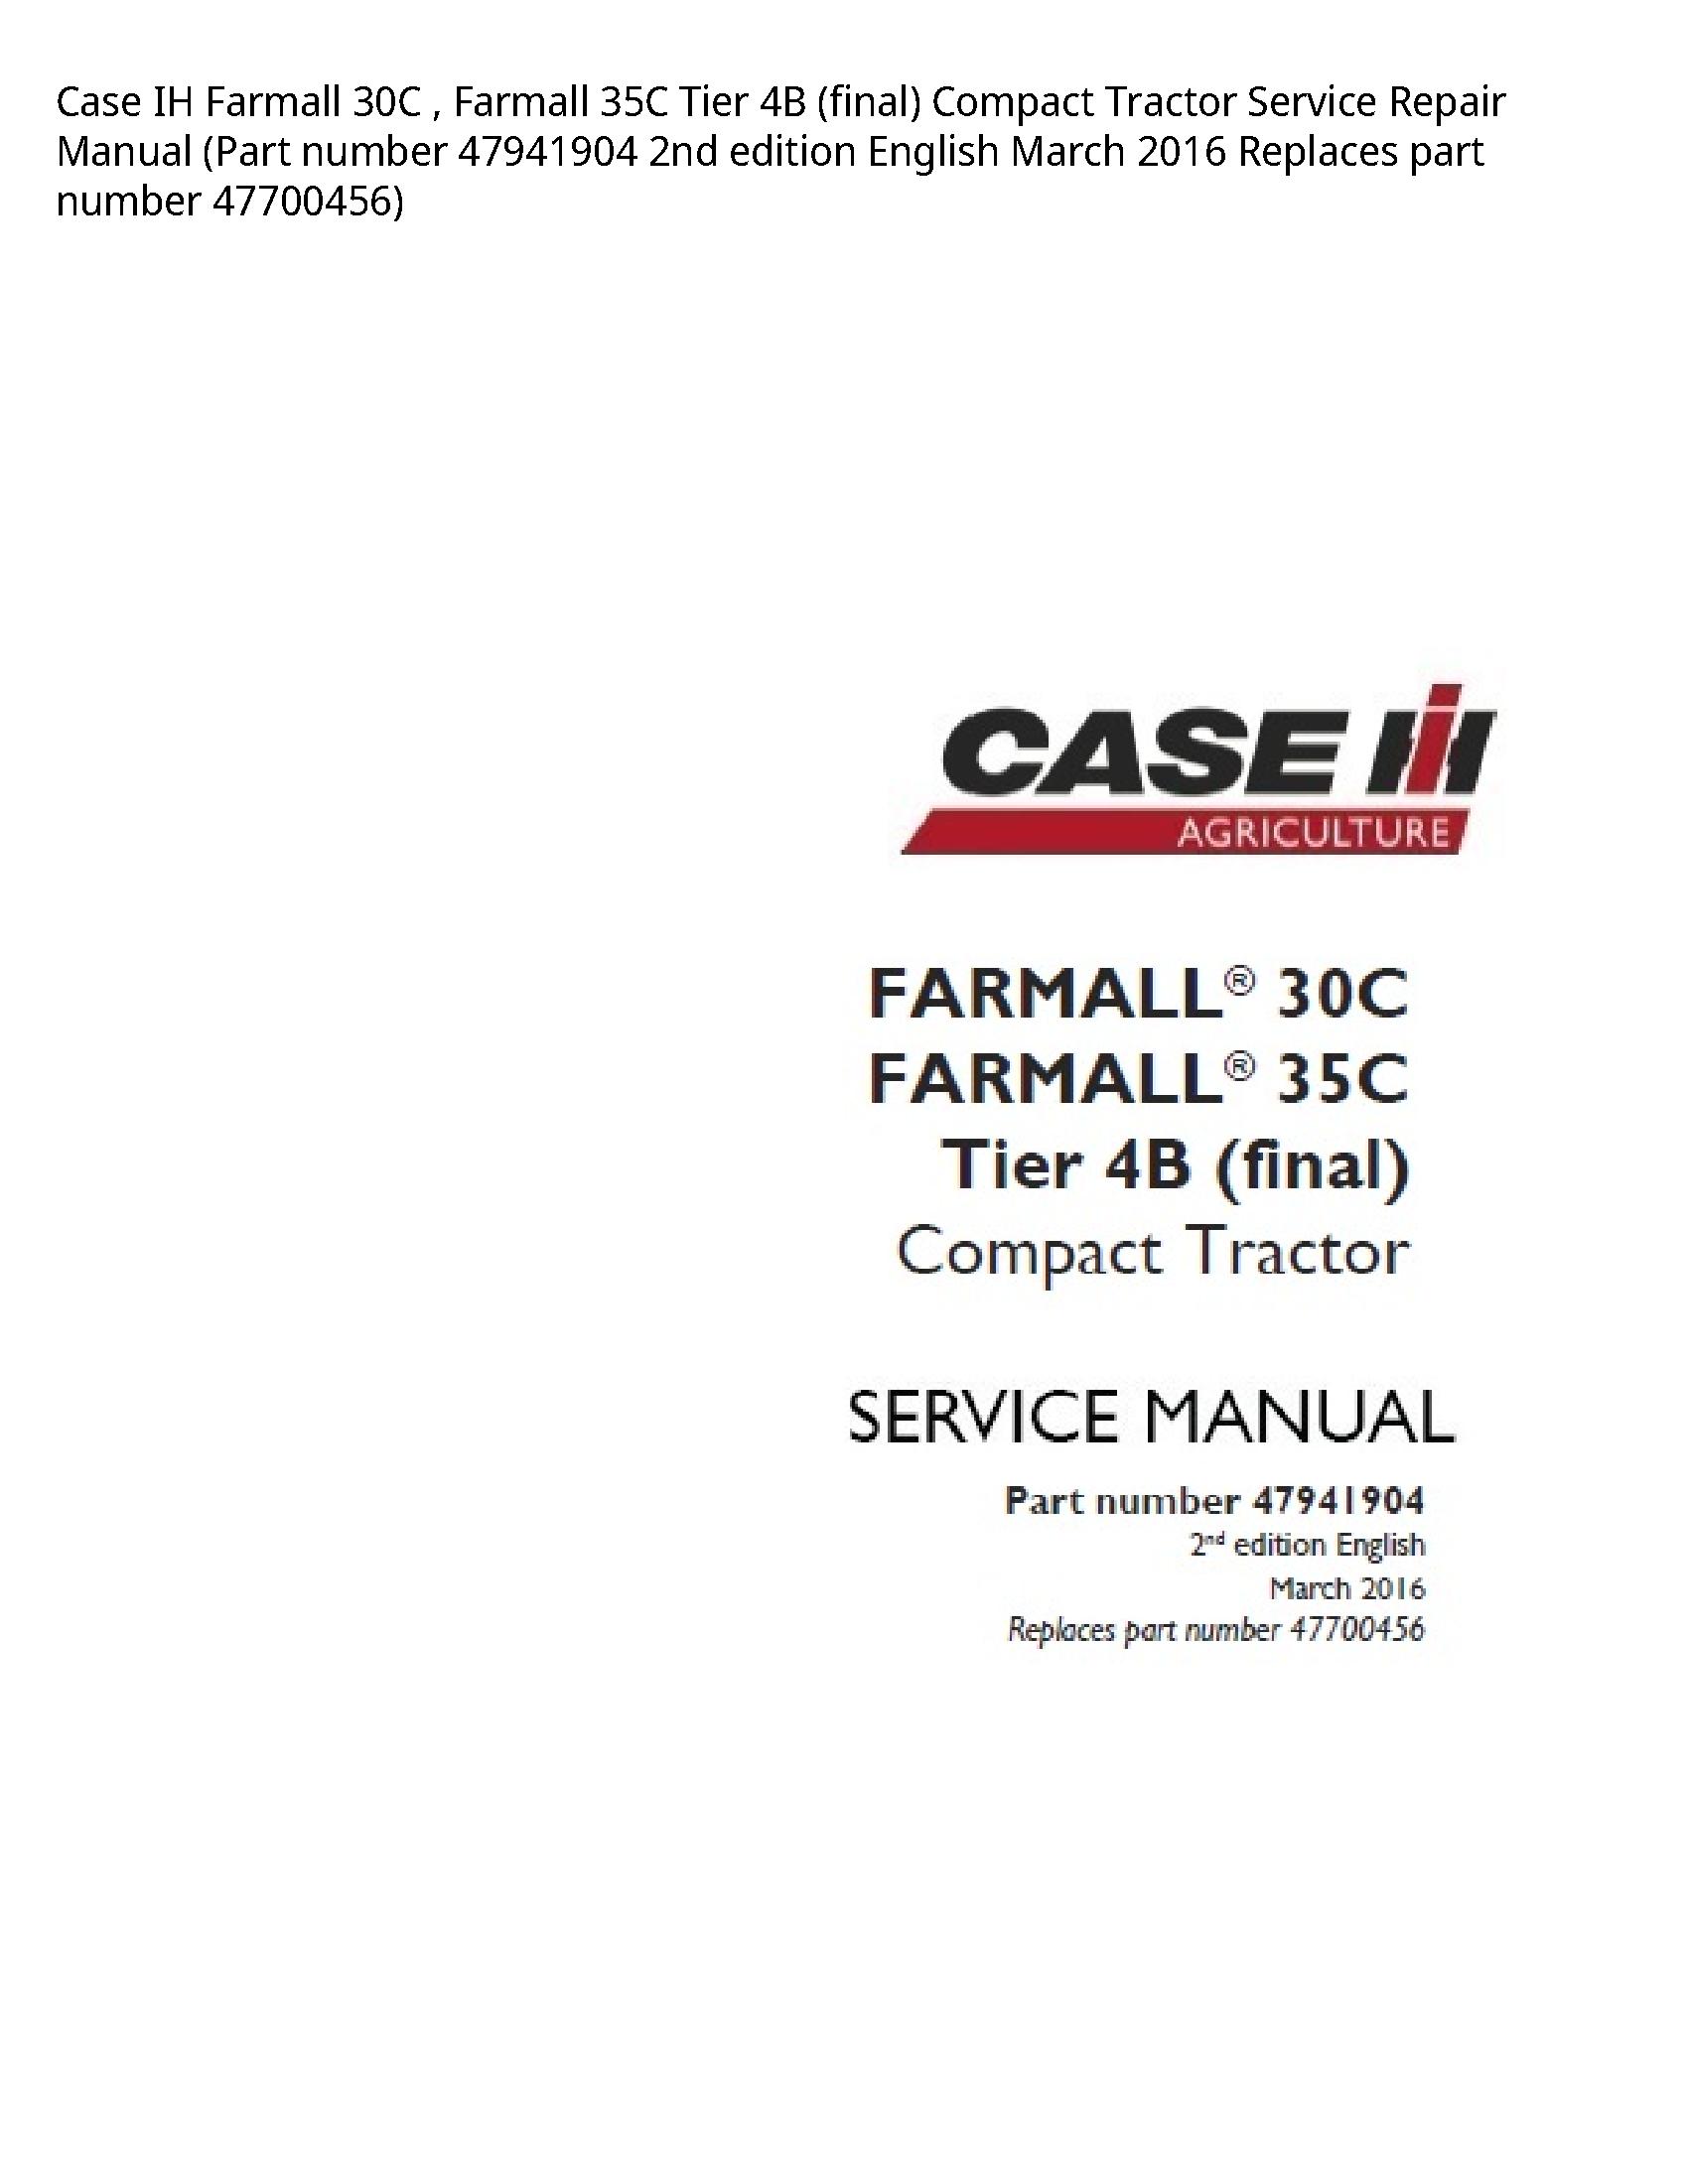 Case/Case IH 30C IH Farmall Farmall Tier (final) Compact Tractor manual